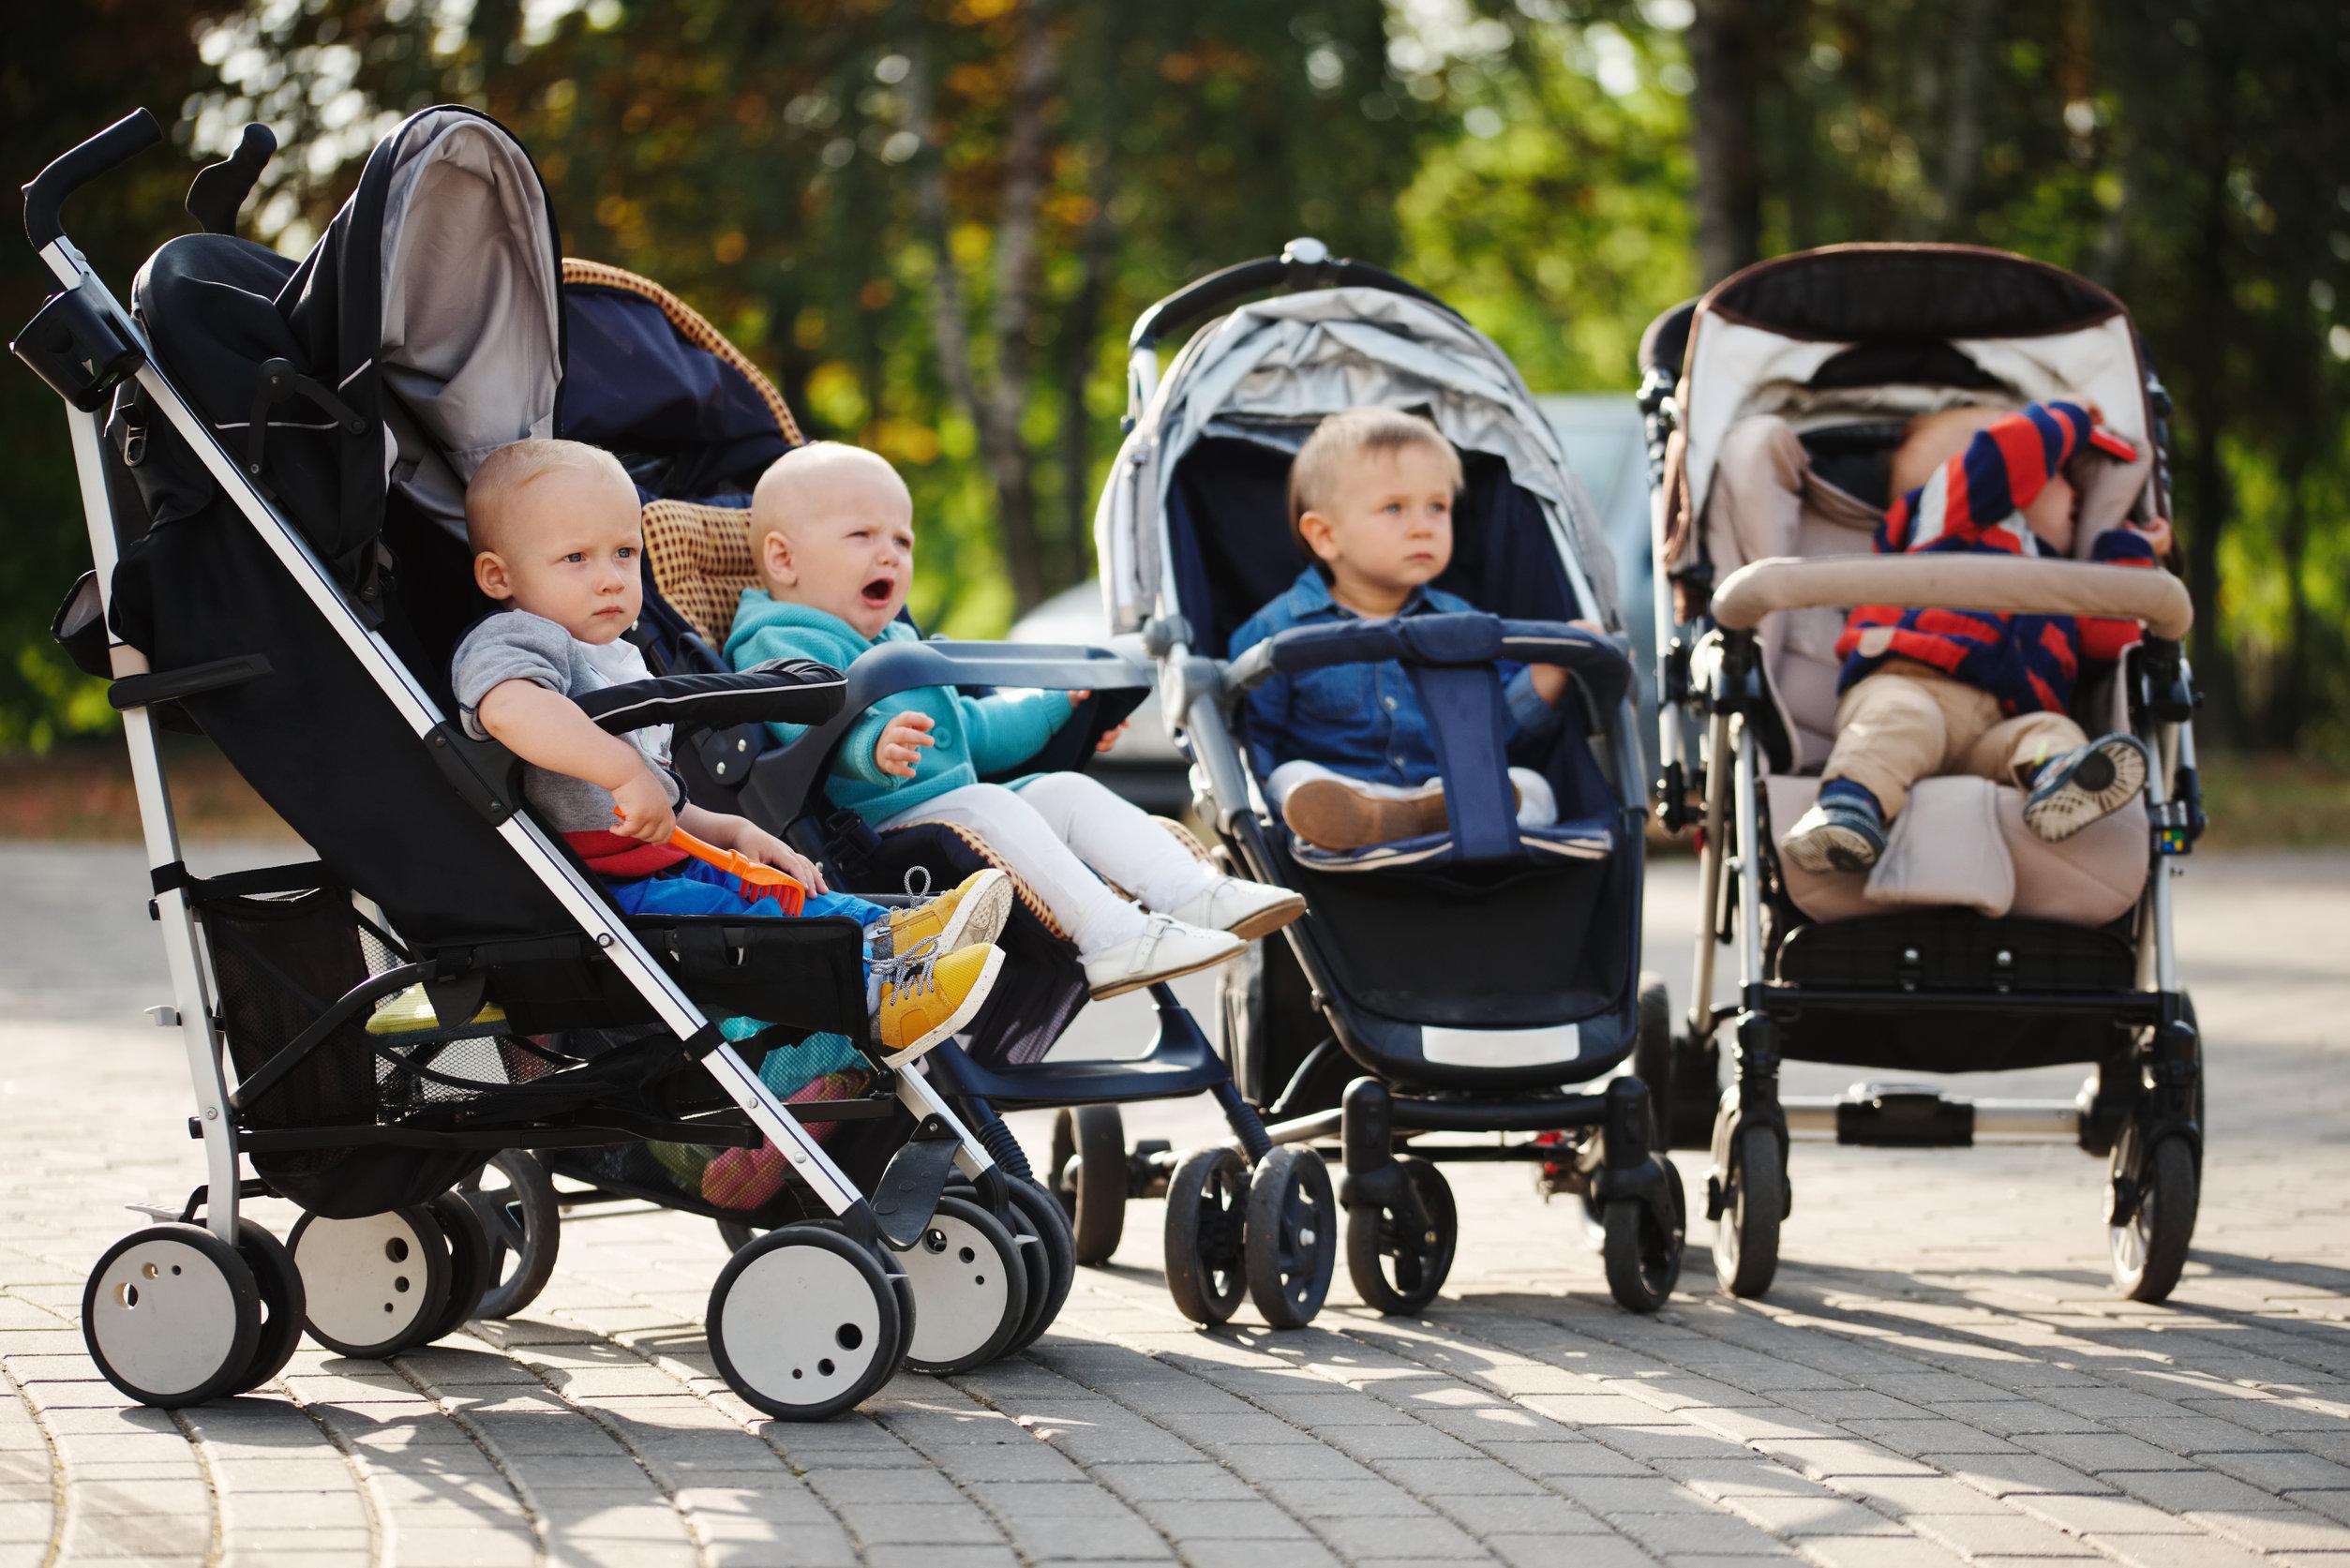 crianças divertidas sentadas em carrinhos de bebé no parque